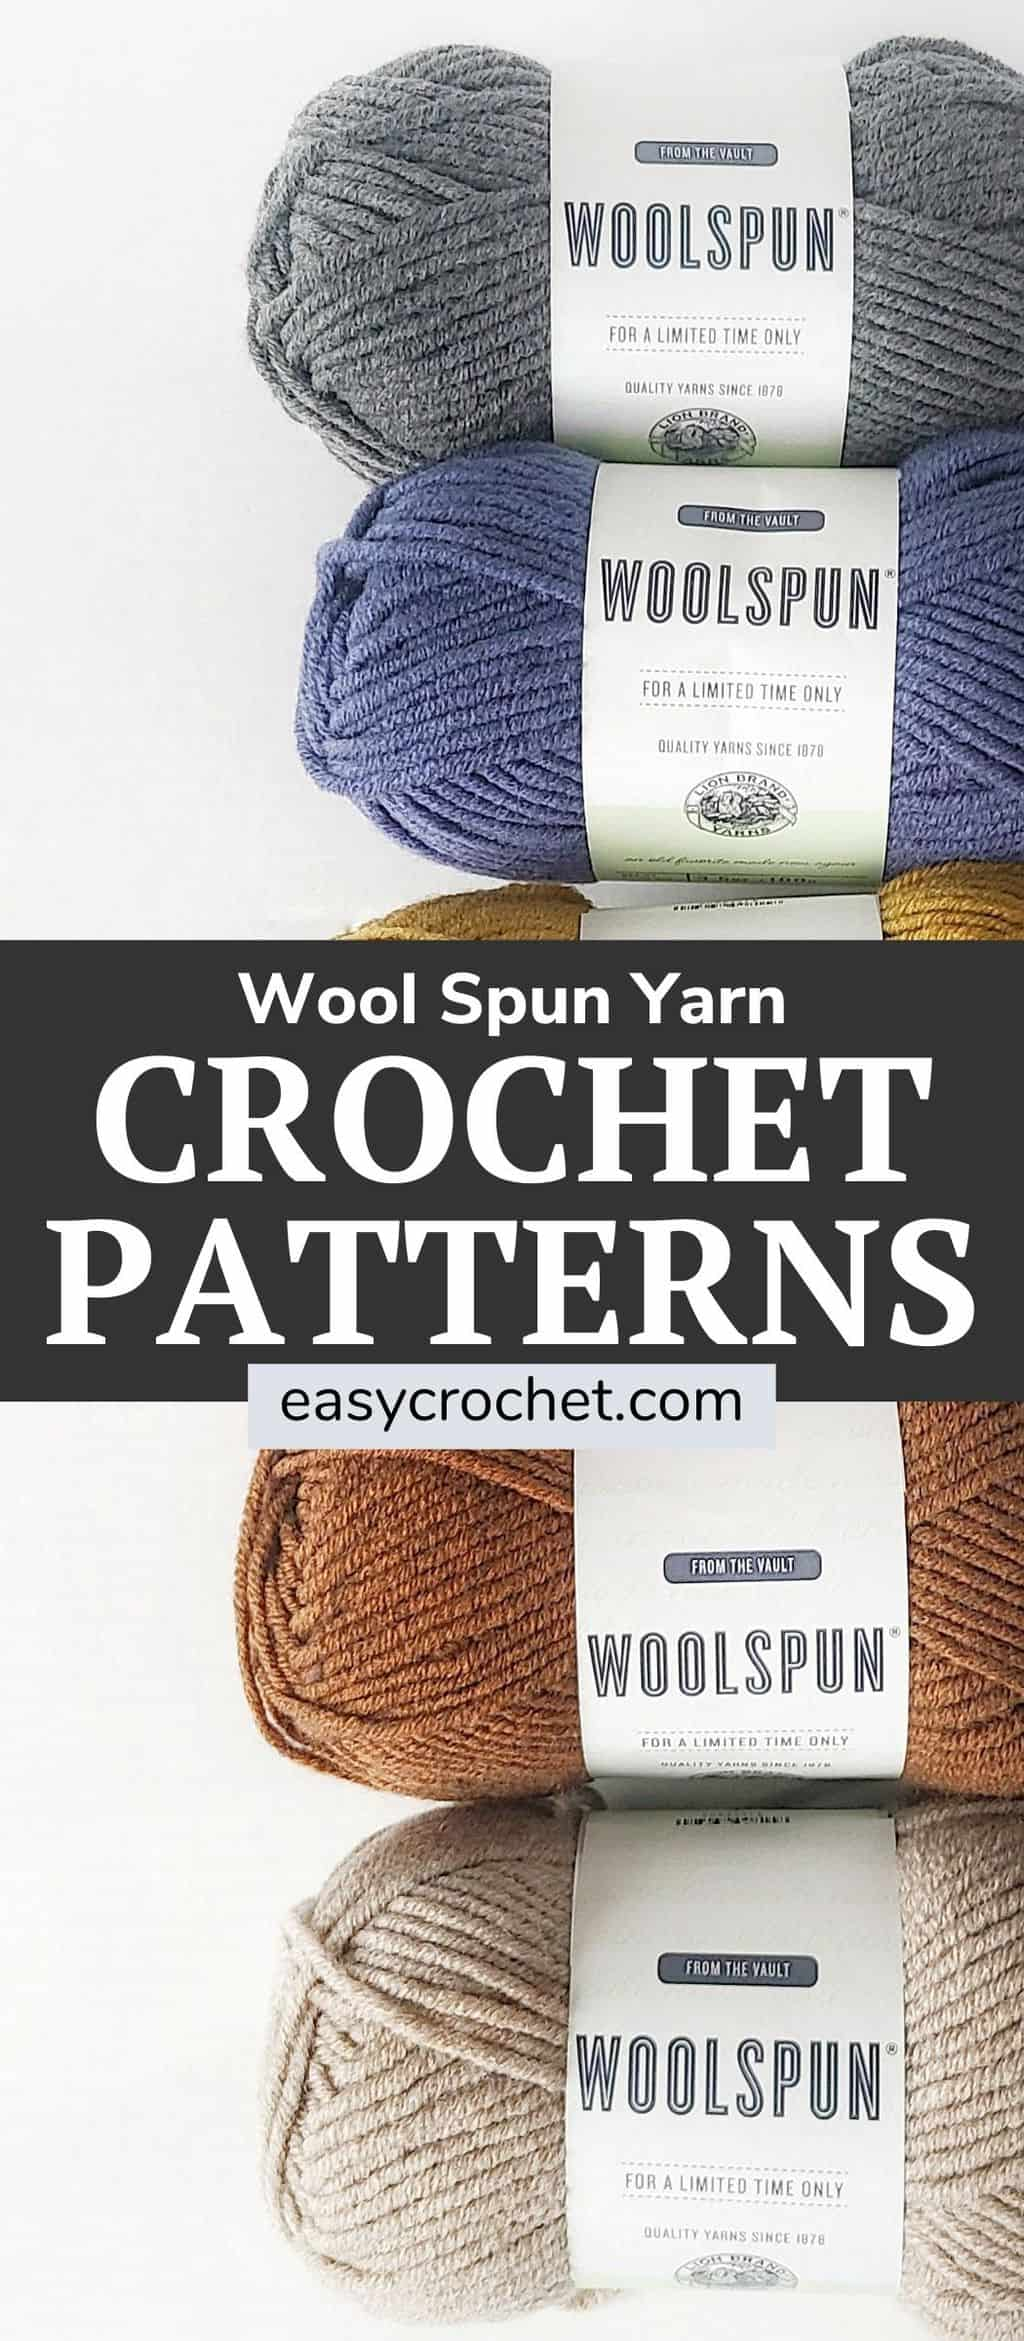 7 Free Crochet Patterns using WoolSpun Yarn via @easycrochetcom